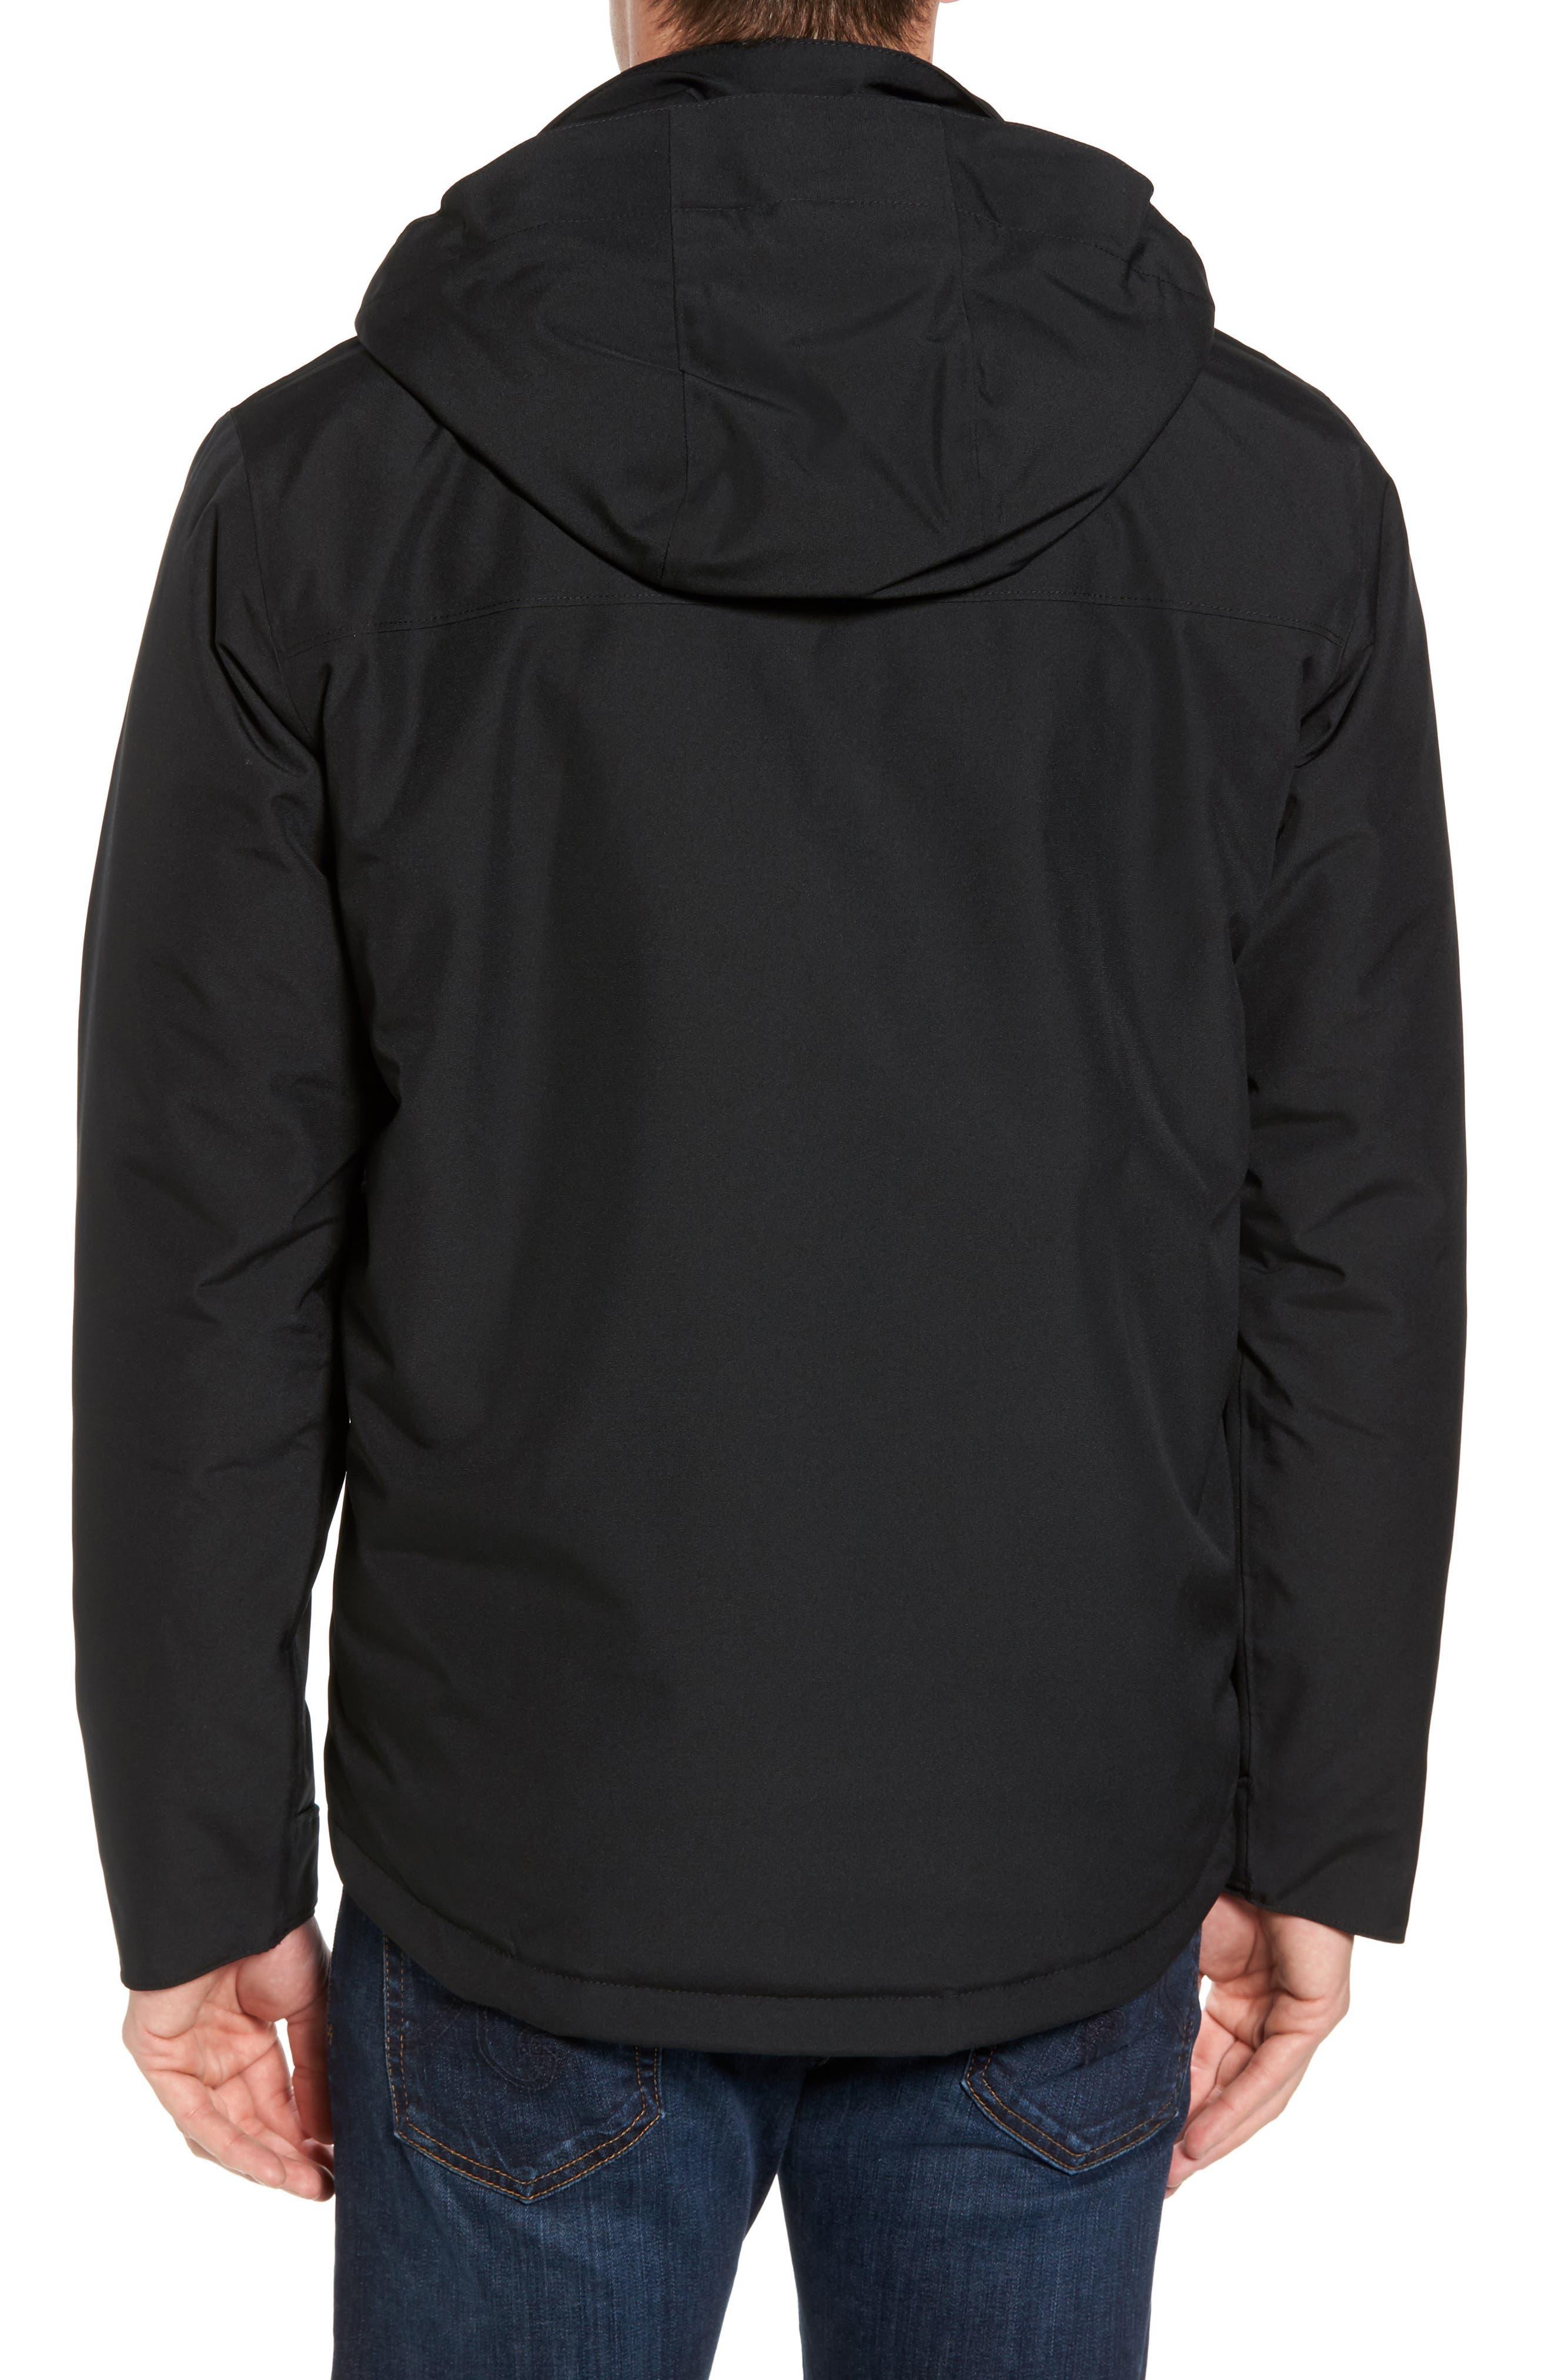 Topley Waterproof Down Jacket,                             Alternate thumbnail 2, color,                             Black